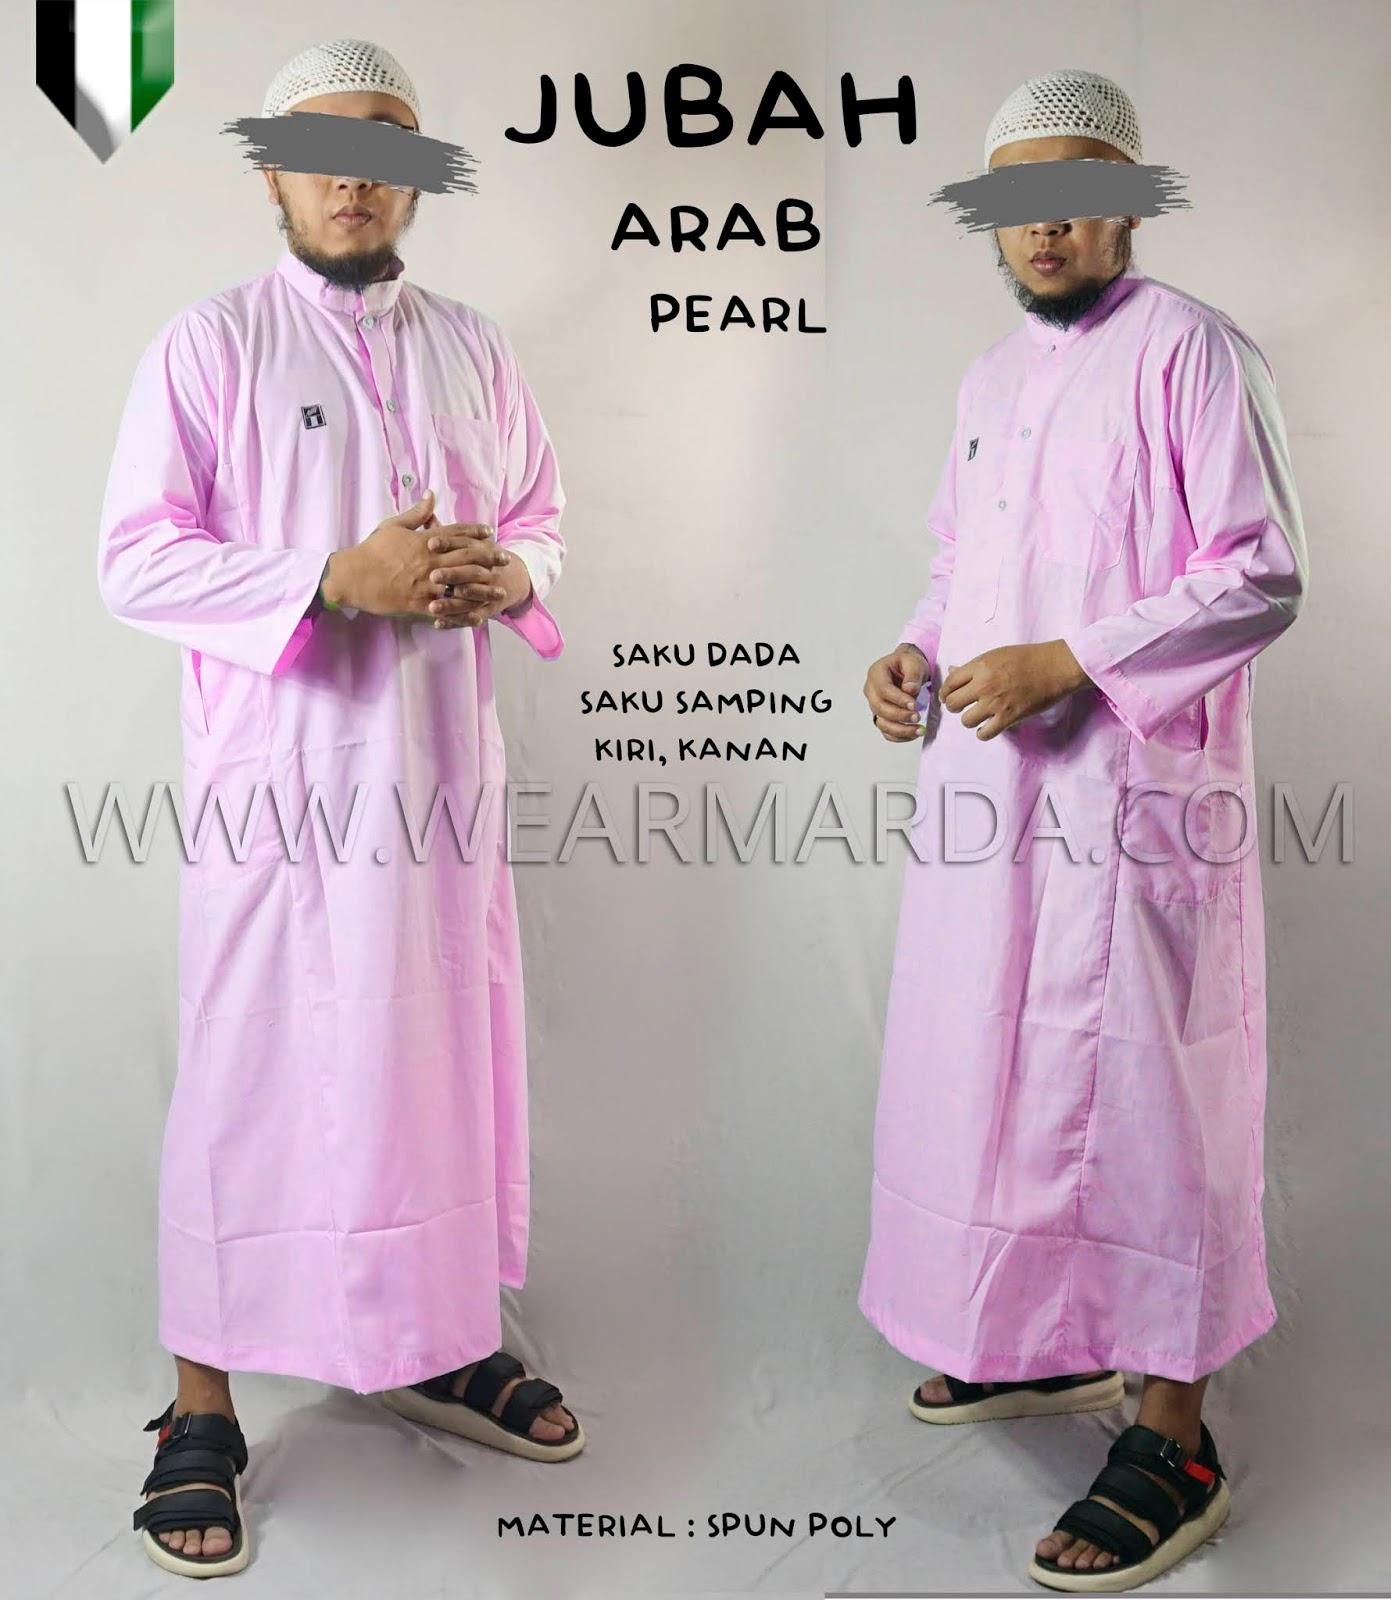 JUBAH ARAB PEARL